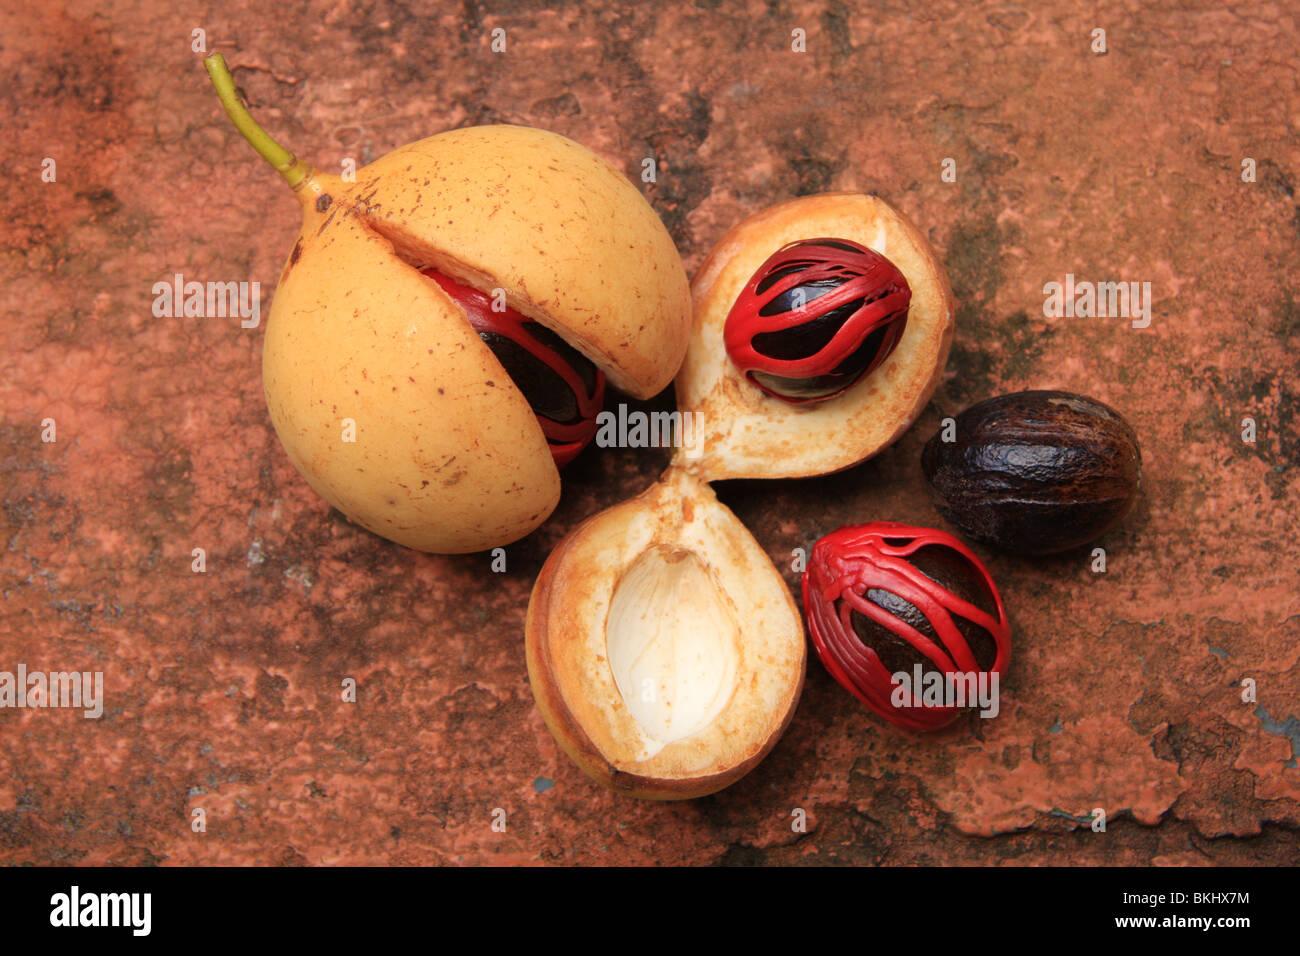 Vrucht van de Nootmuskaatboom, in diverse stadia van ontpellen; met de rode foelie als zaadmantel/zaadrok om de - Stock Image